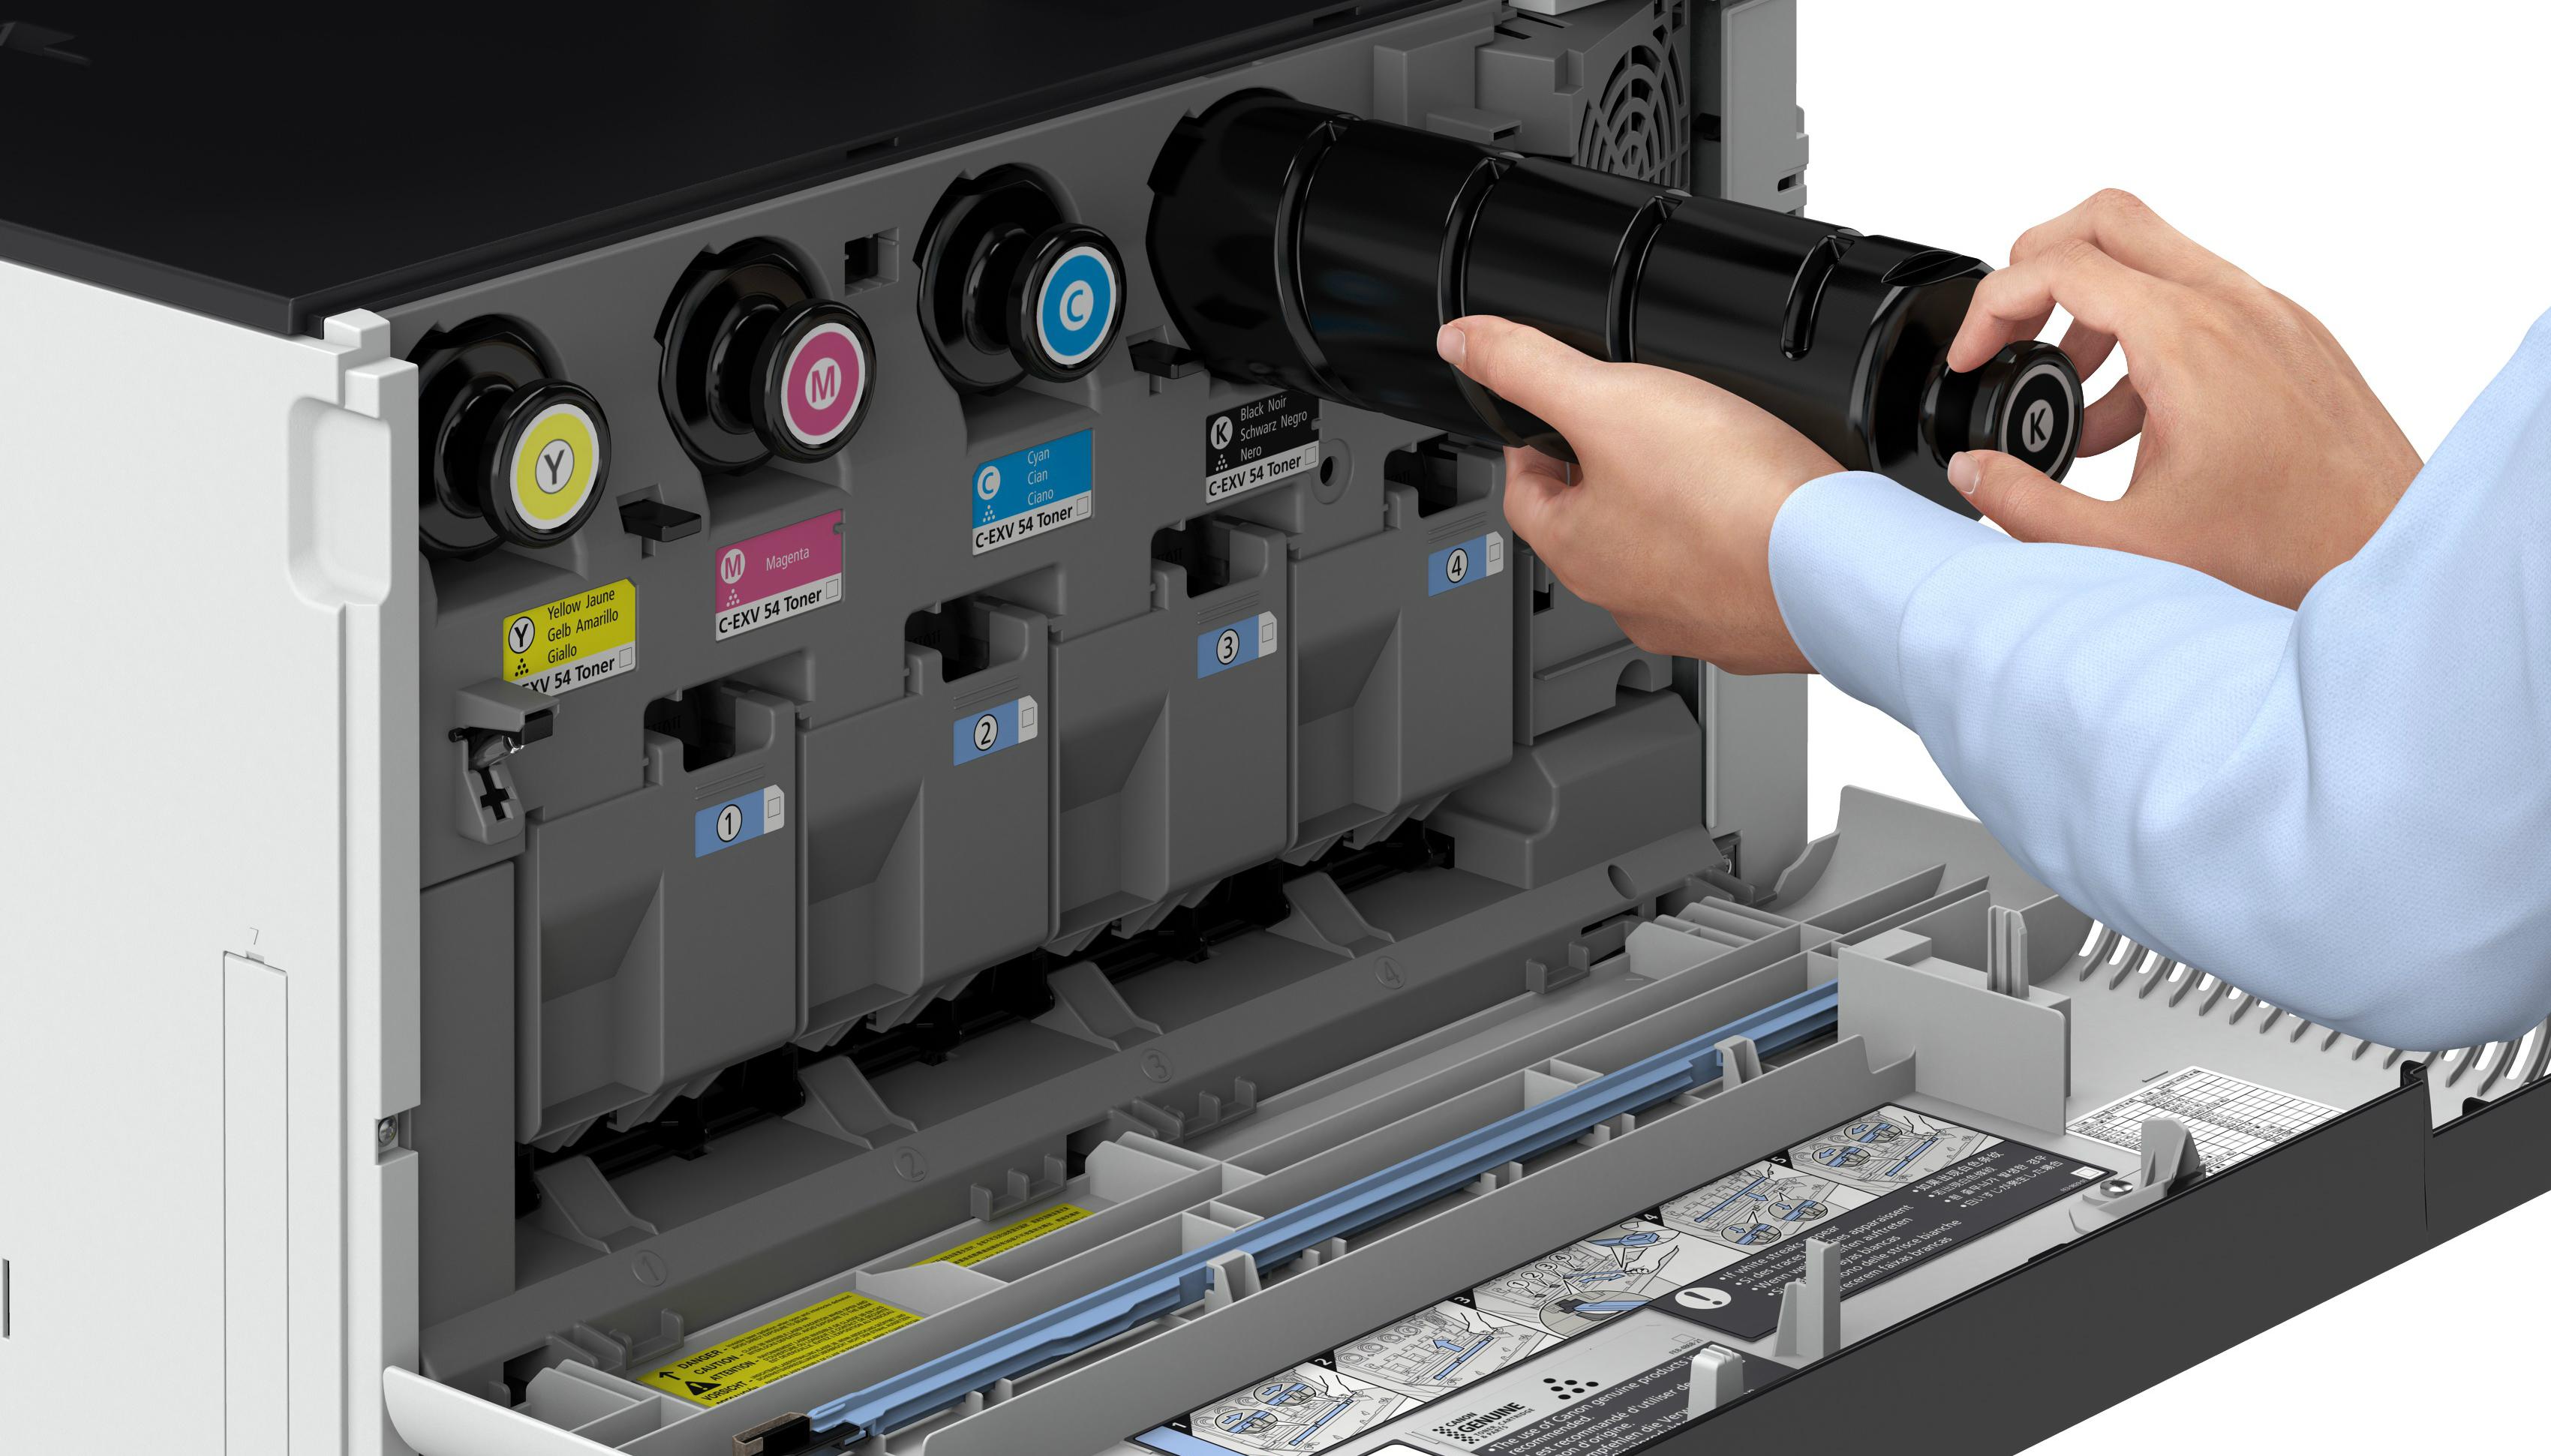 Canon imageRUNNER ADVANCE C3330i. Оптимизация документооборота